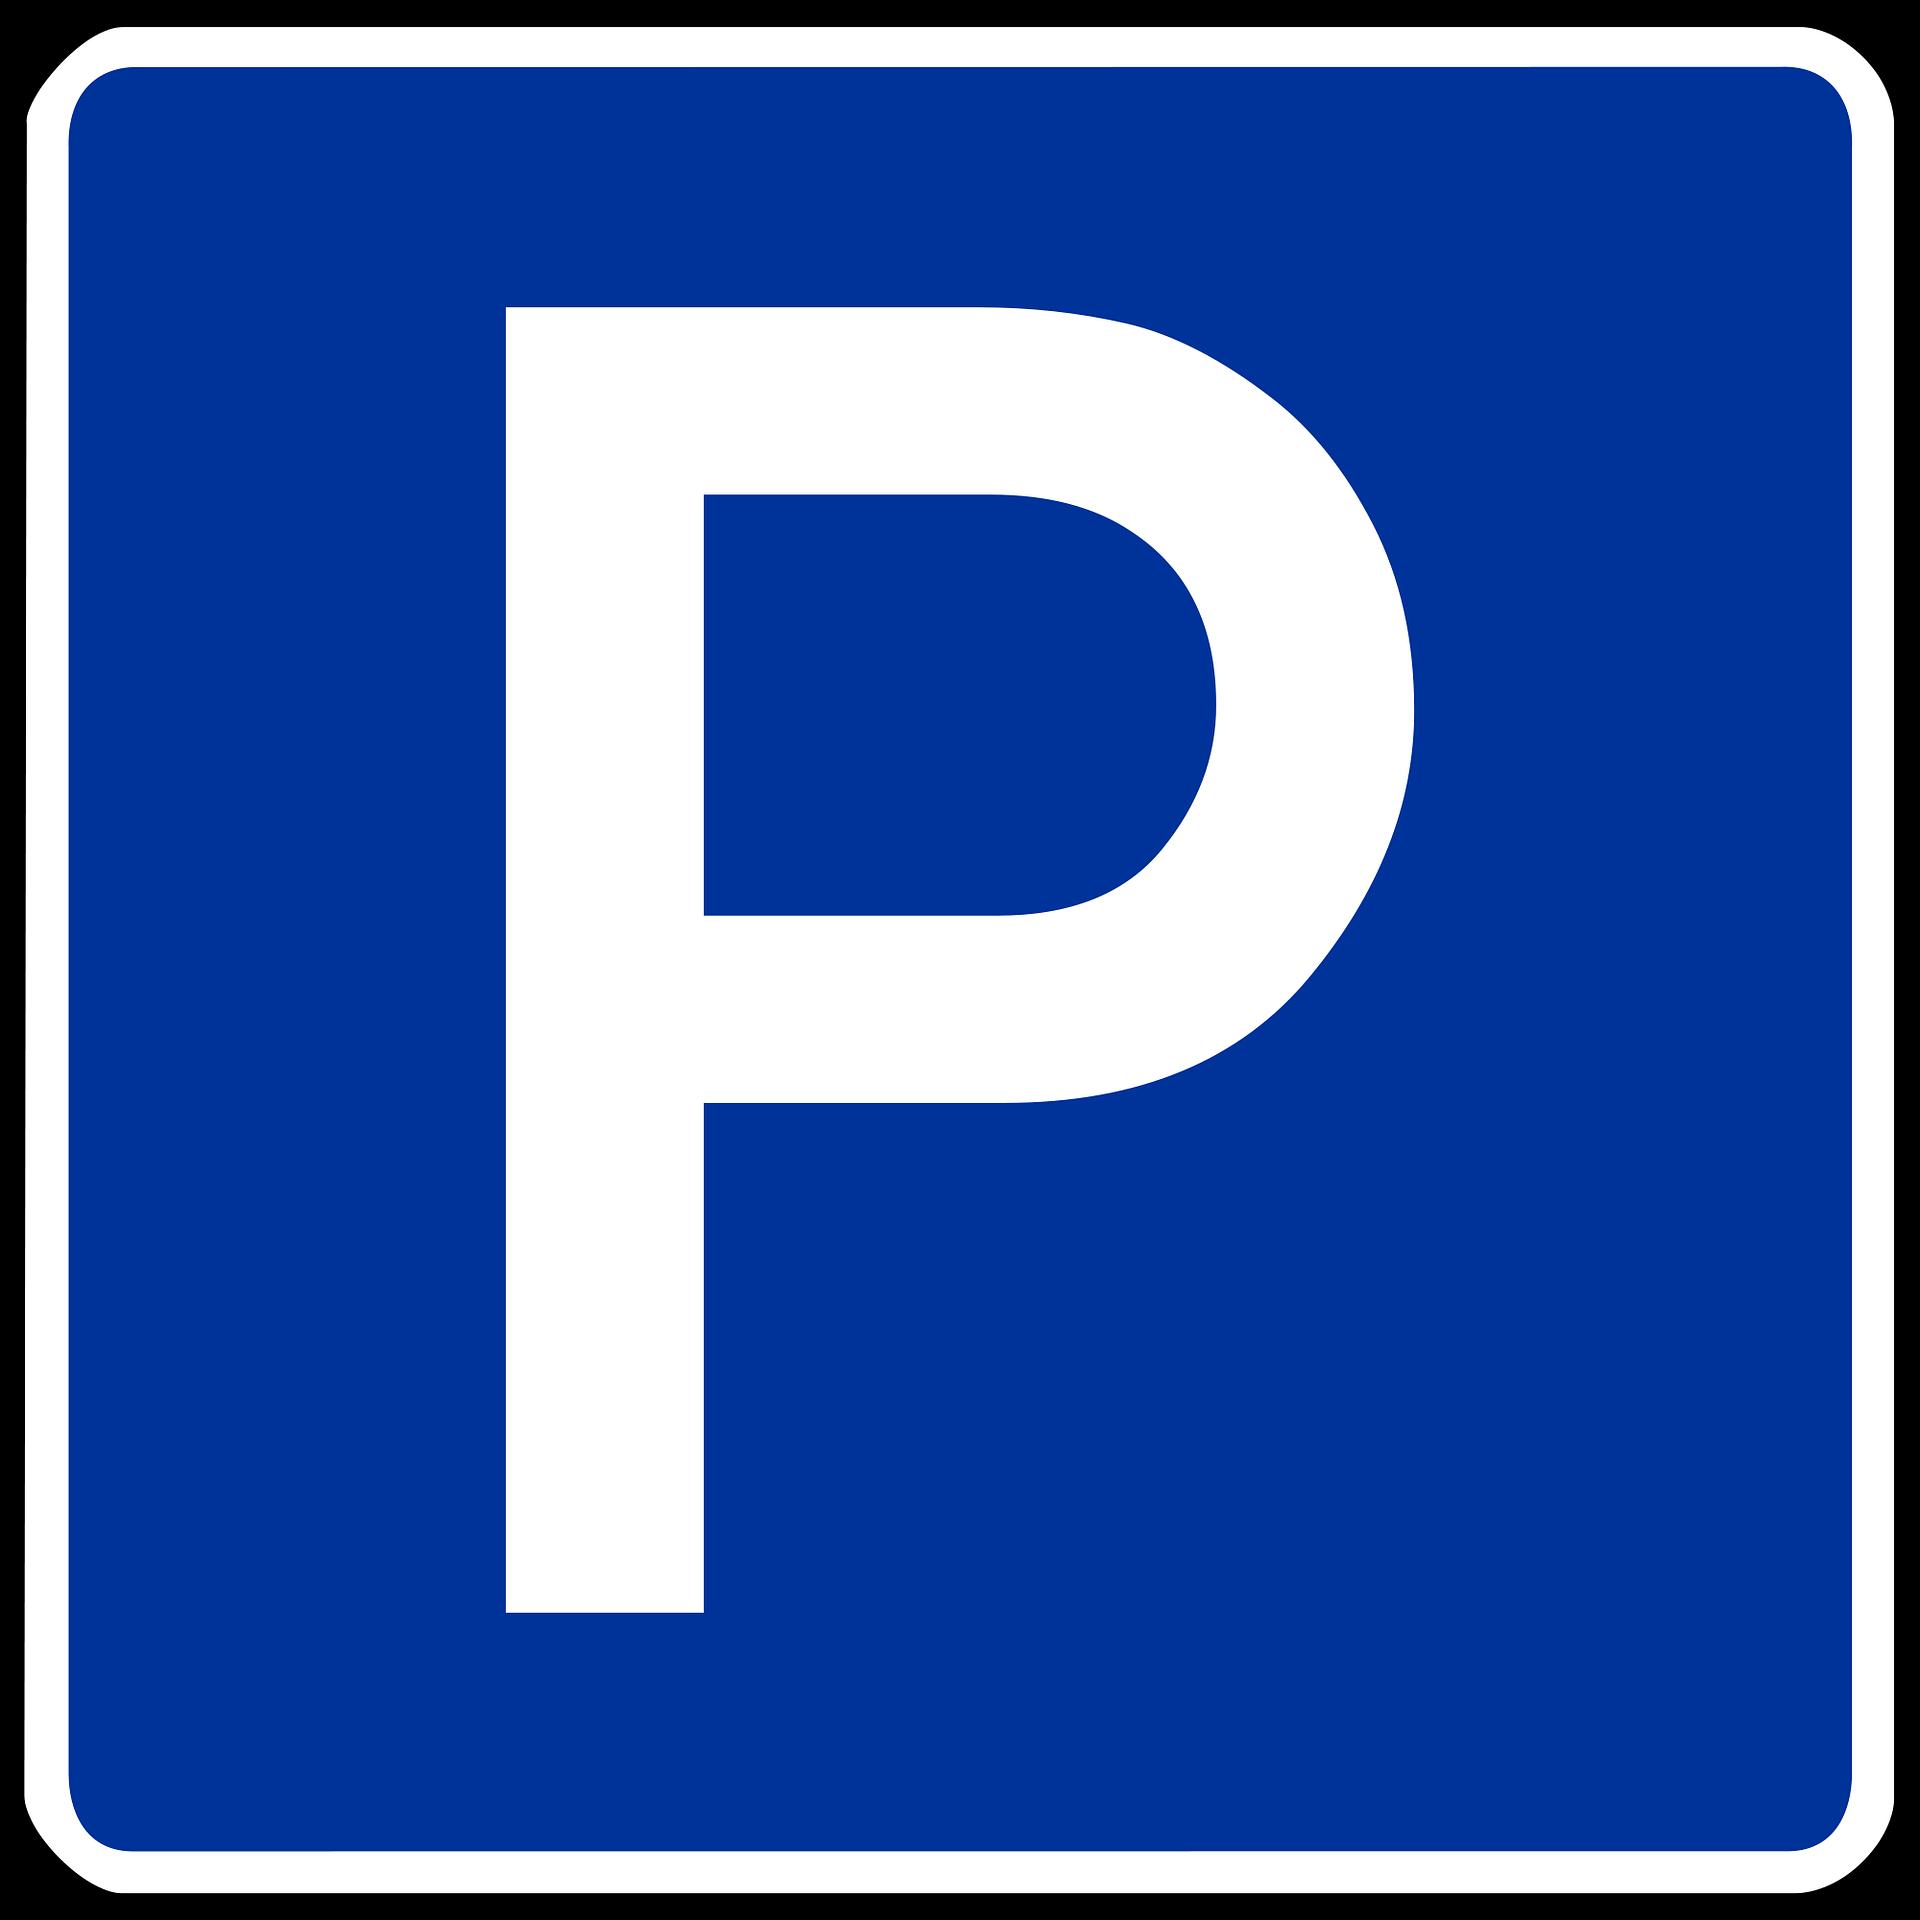 Antrag – Überarbeitung des Parkraumbewirtschaftungskonzeptes im Innenstadtbereich